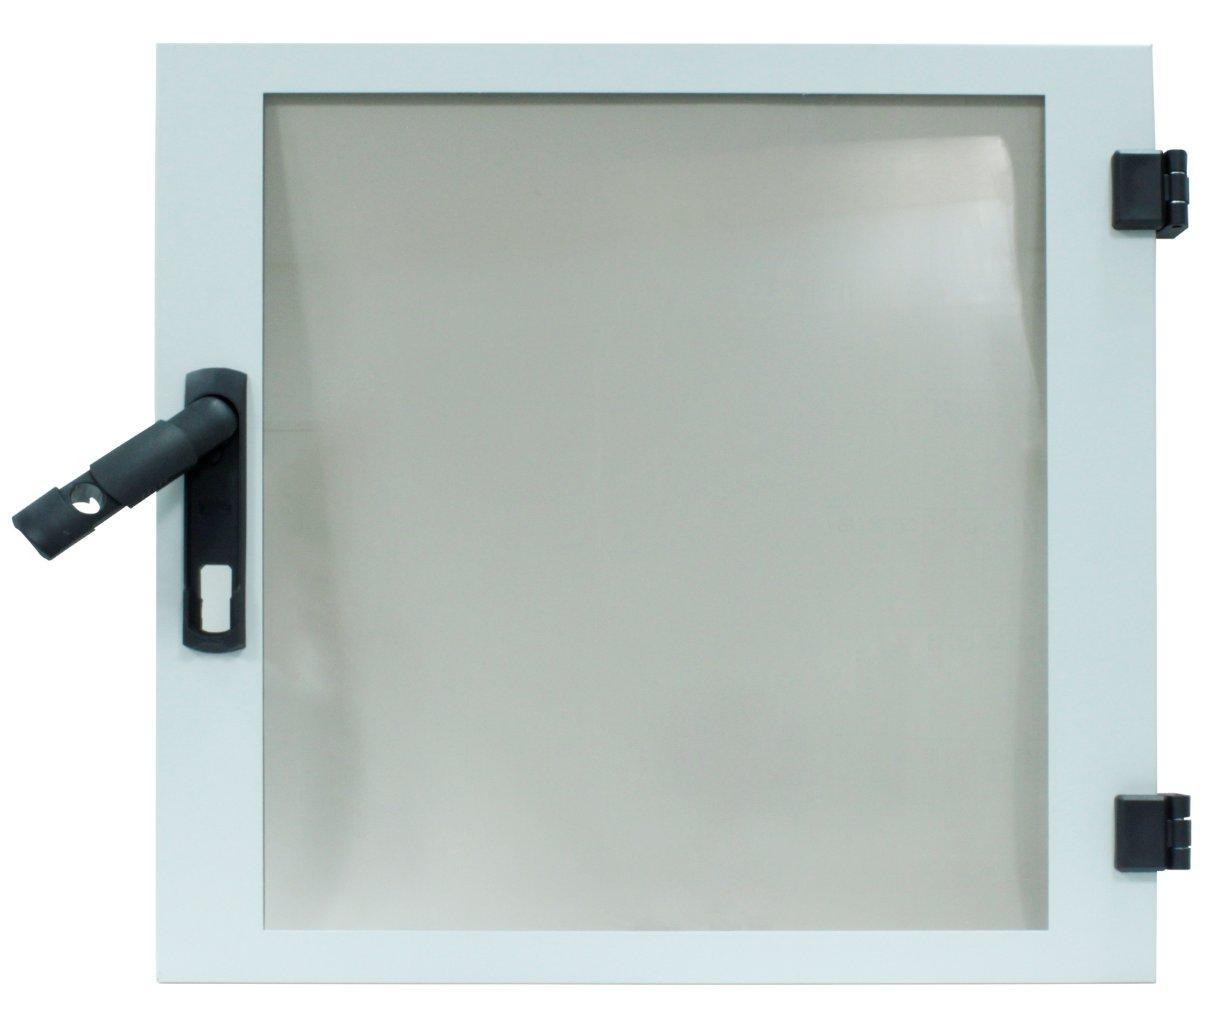 1 Stk Glas-Tür für DW-Schrank 12HE, B600, RAL7035, HZ-Vorbereitung DWRT1267--